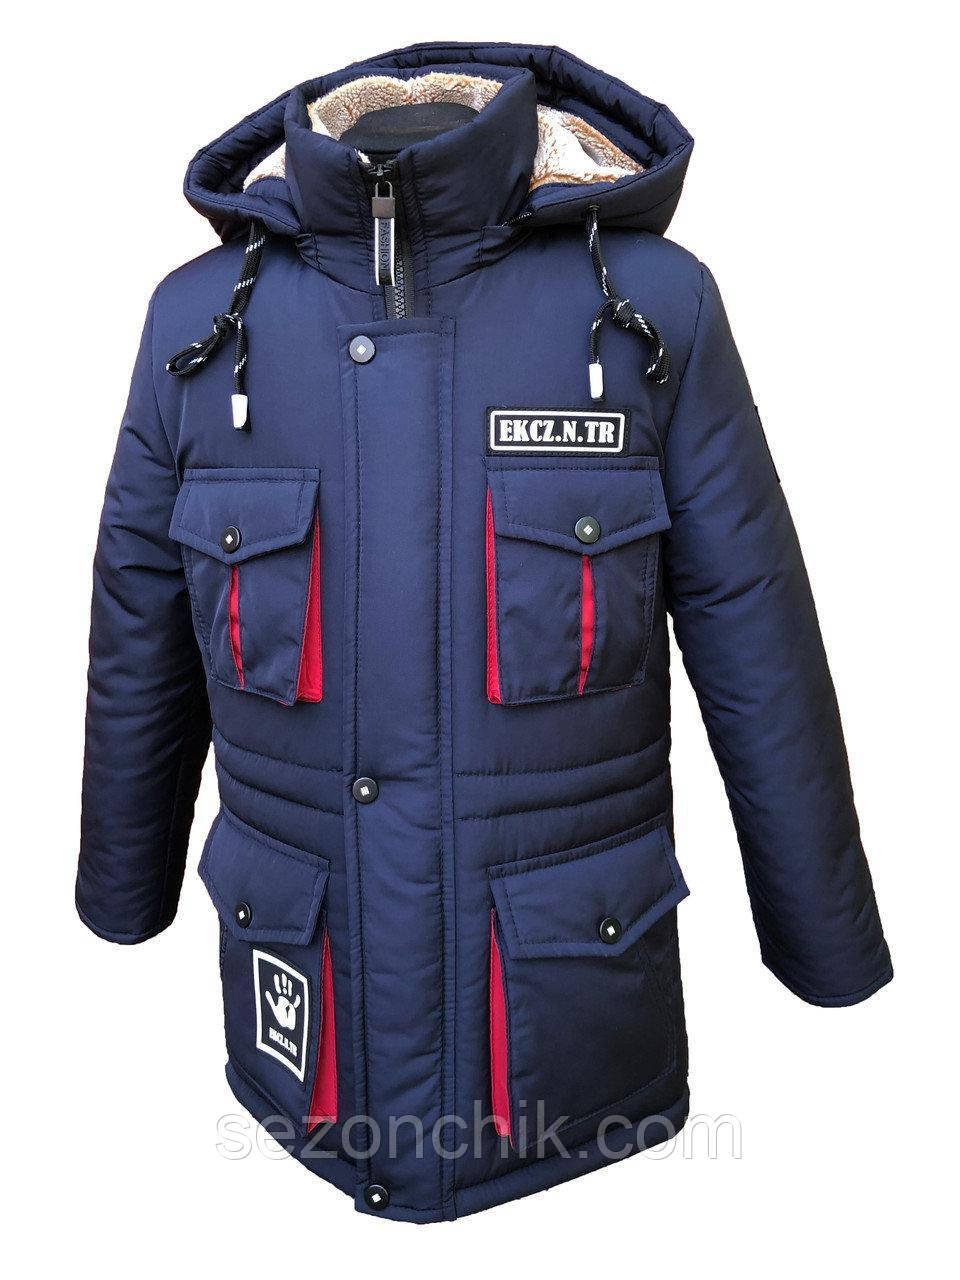 Куртки на мальчиков на меху детские от производителя